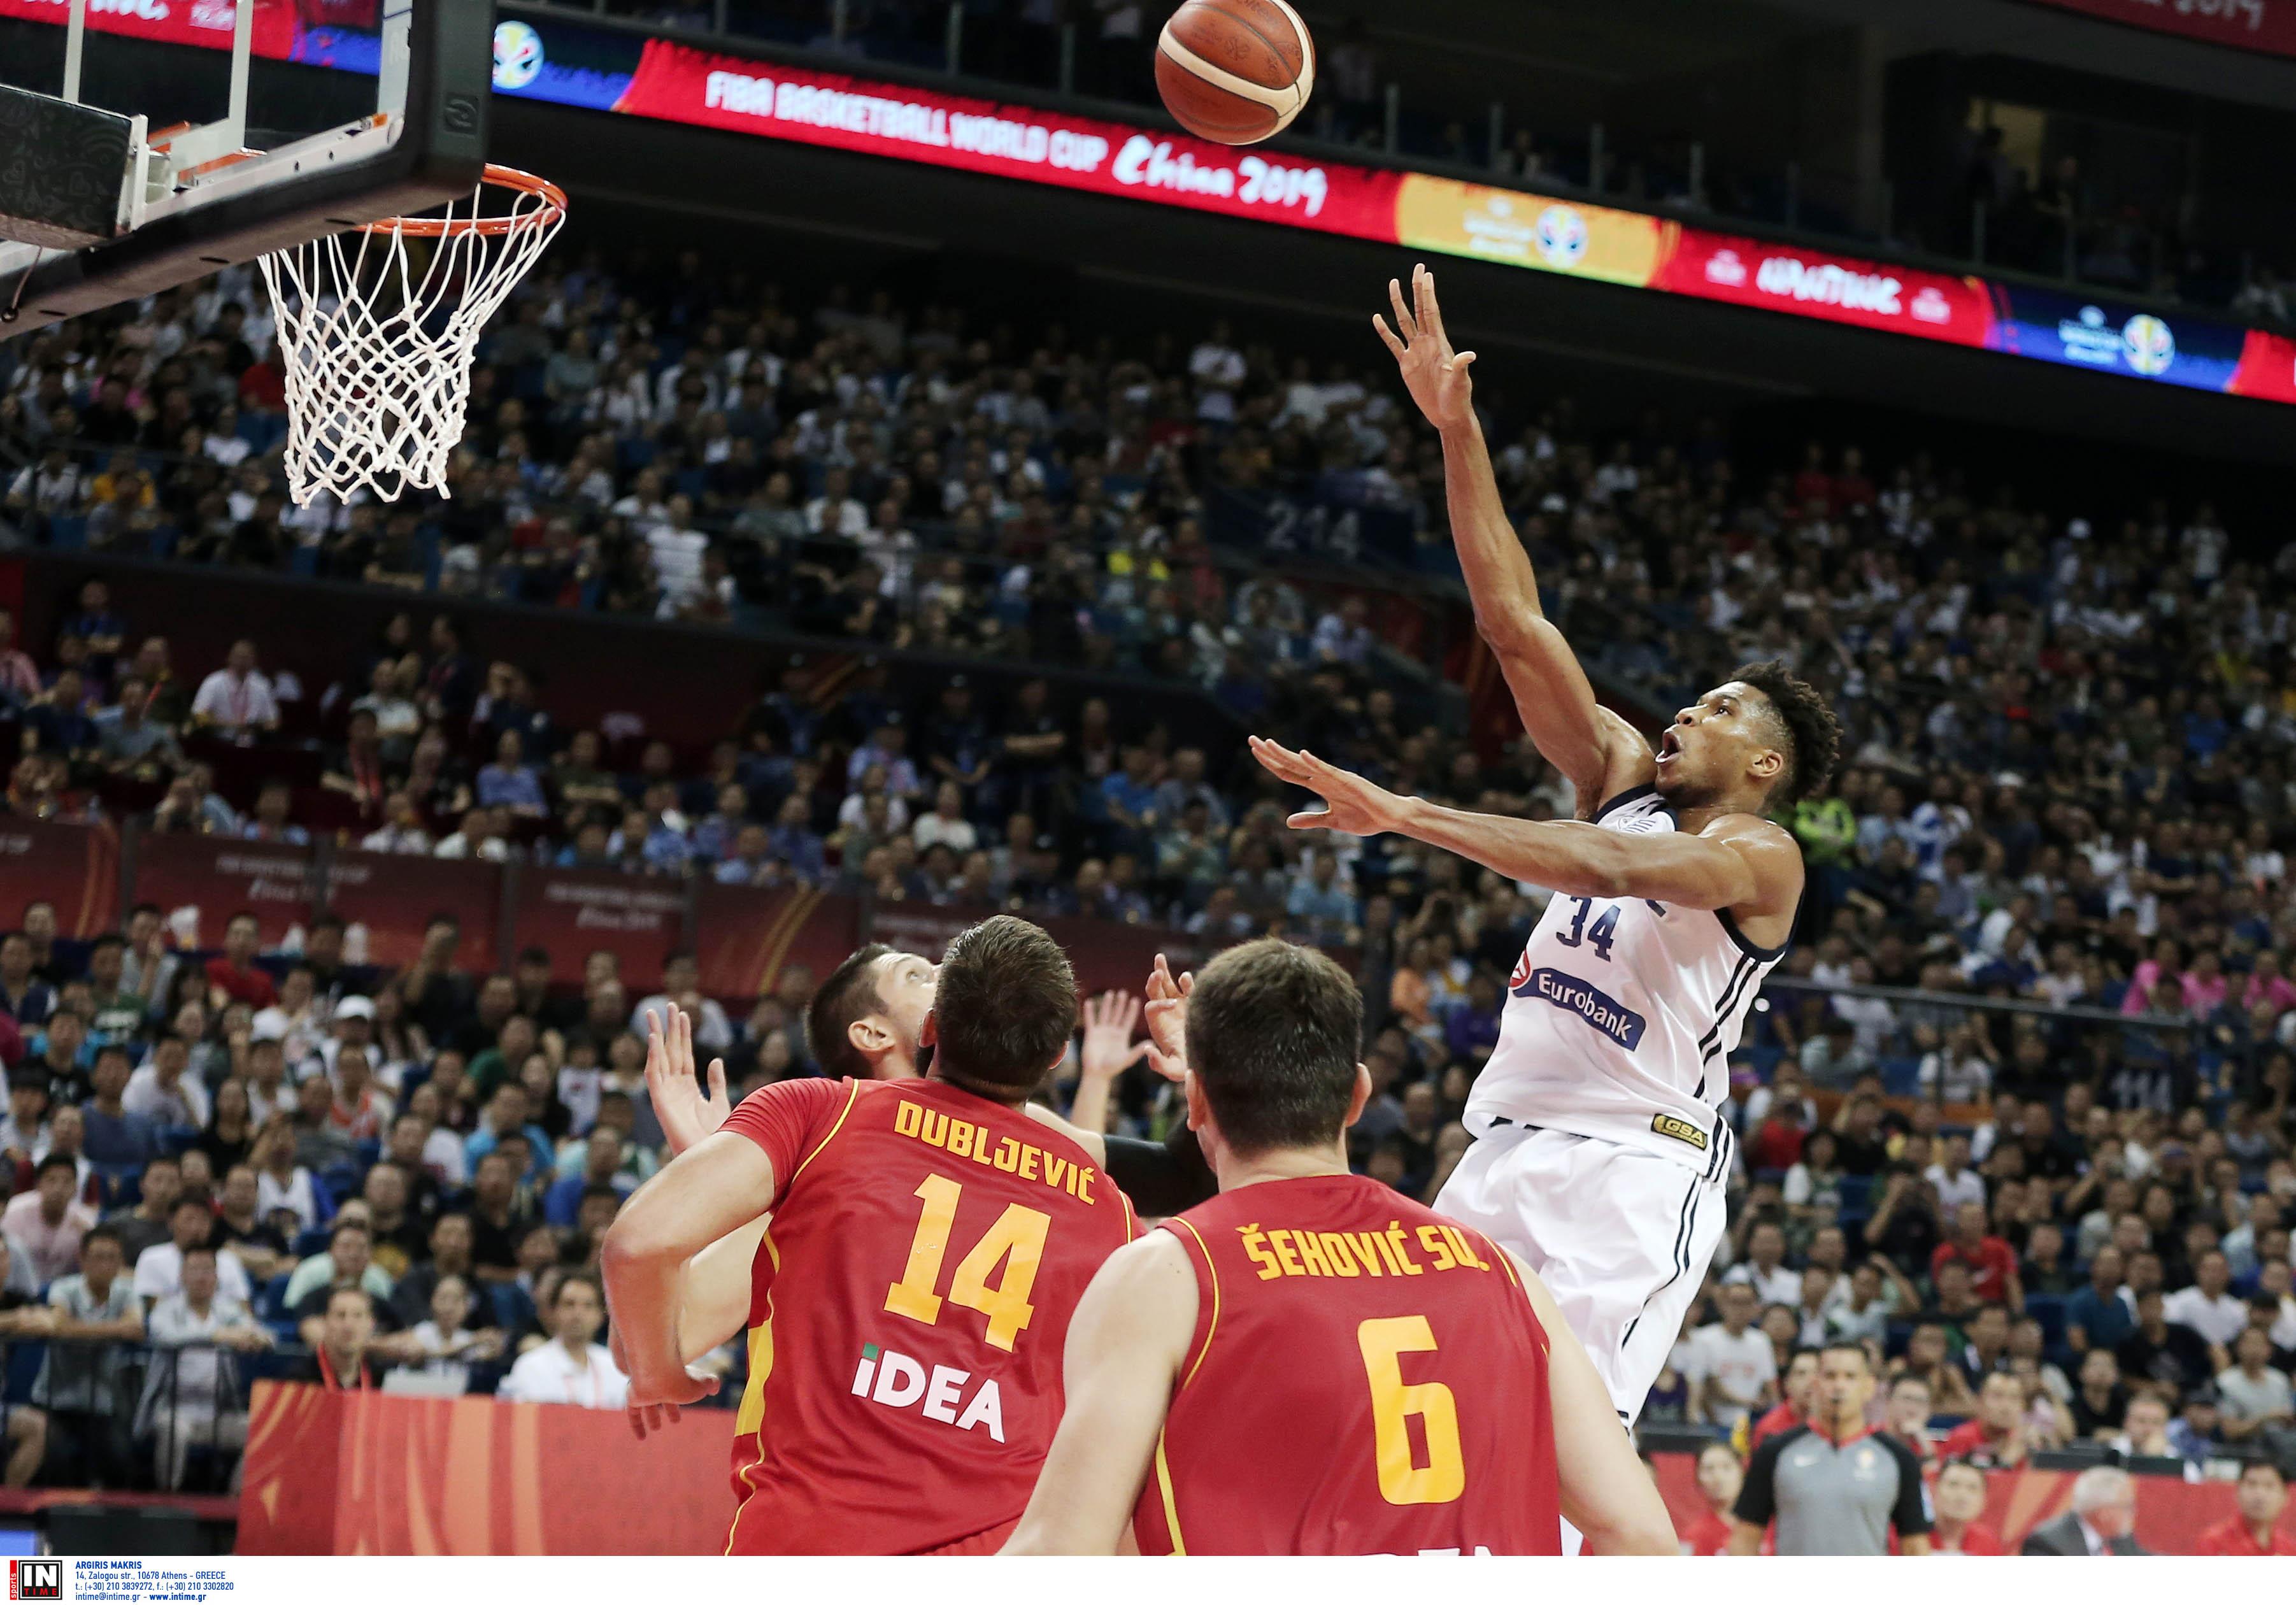 """Μουντομπάσκετ 2019: Τους """"τρέλανε"""" ο Αντετοκούνμπο! Στην κορυφή του Top 5 – video"""